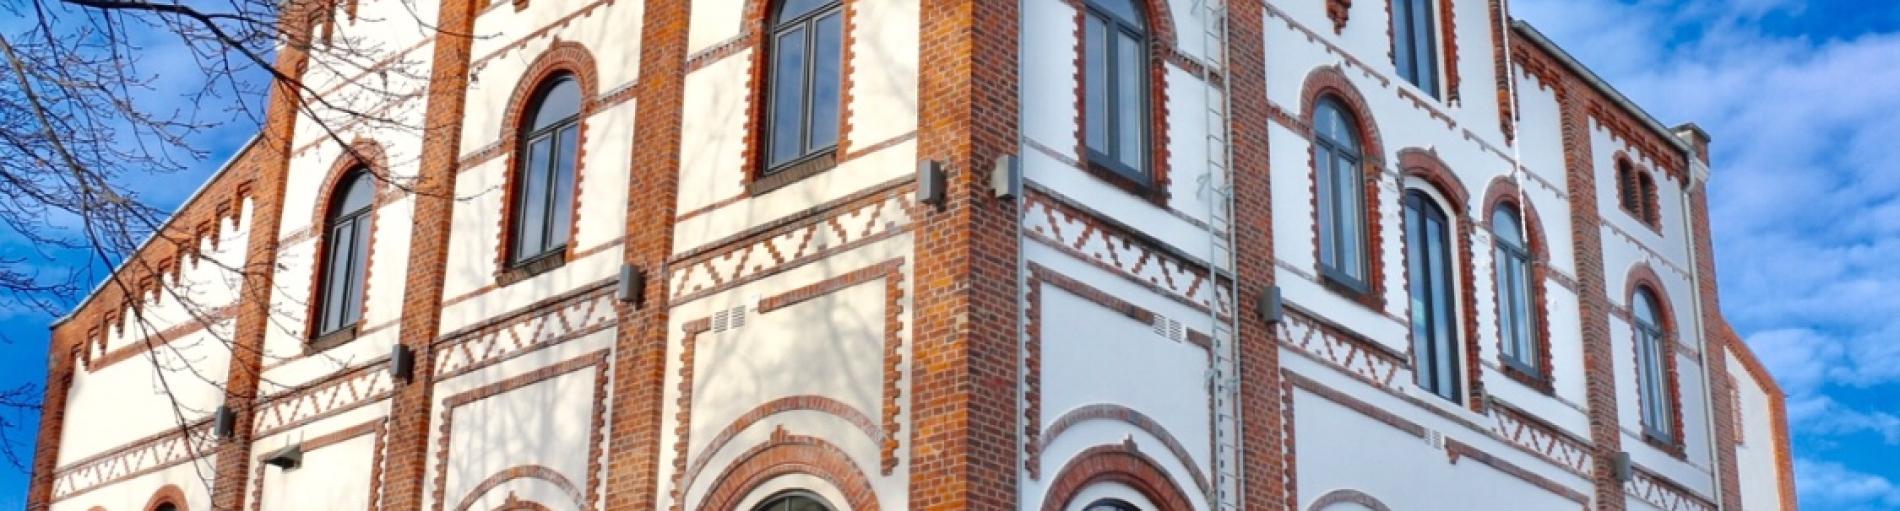 Bremer Craft Bier Tage in der Union Brauerei Bremen